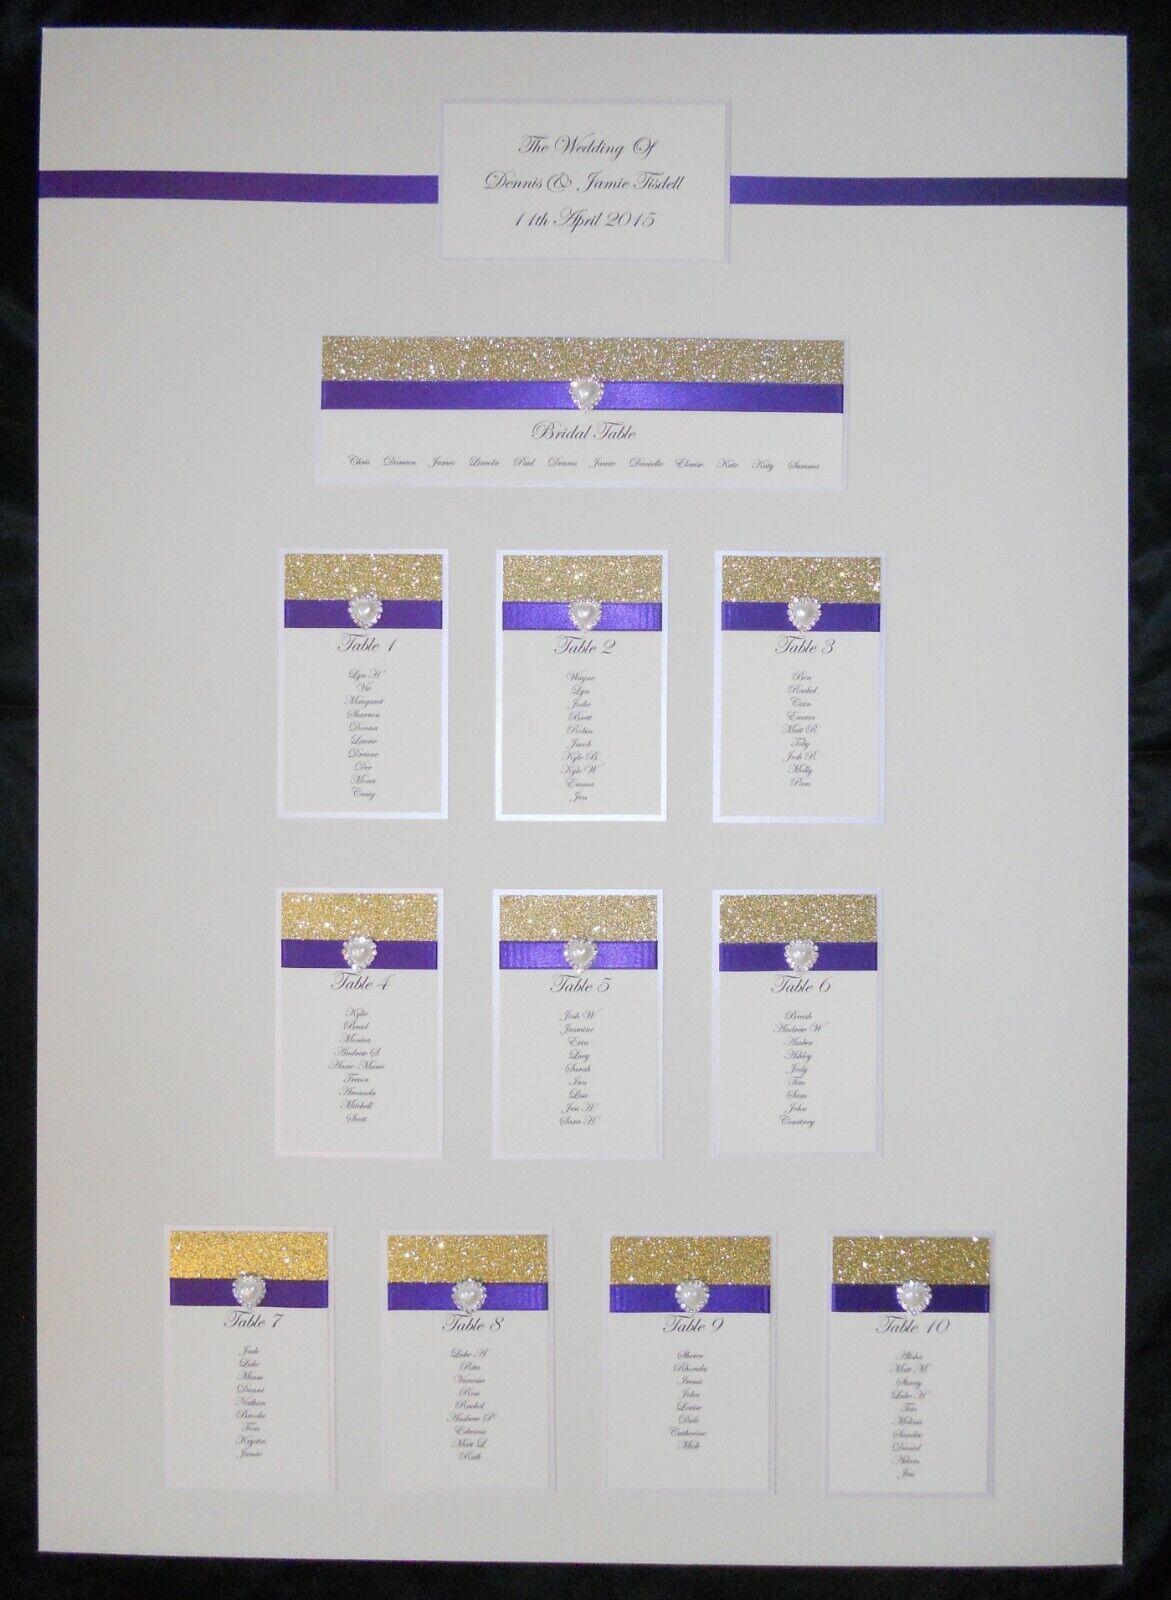 Paillettes Table De Mariage plan Seating graphique A1 Personnalisé Siège plan de toutes les couleurs